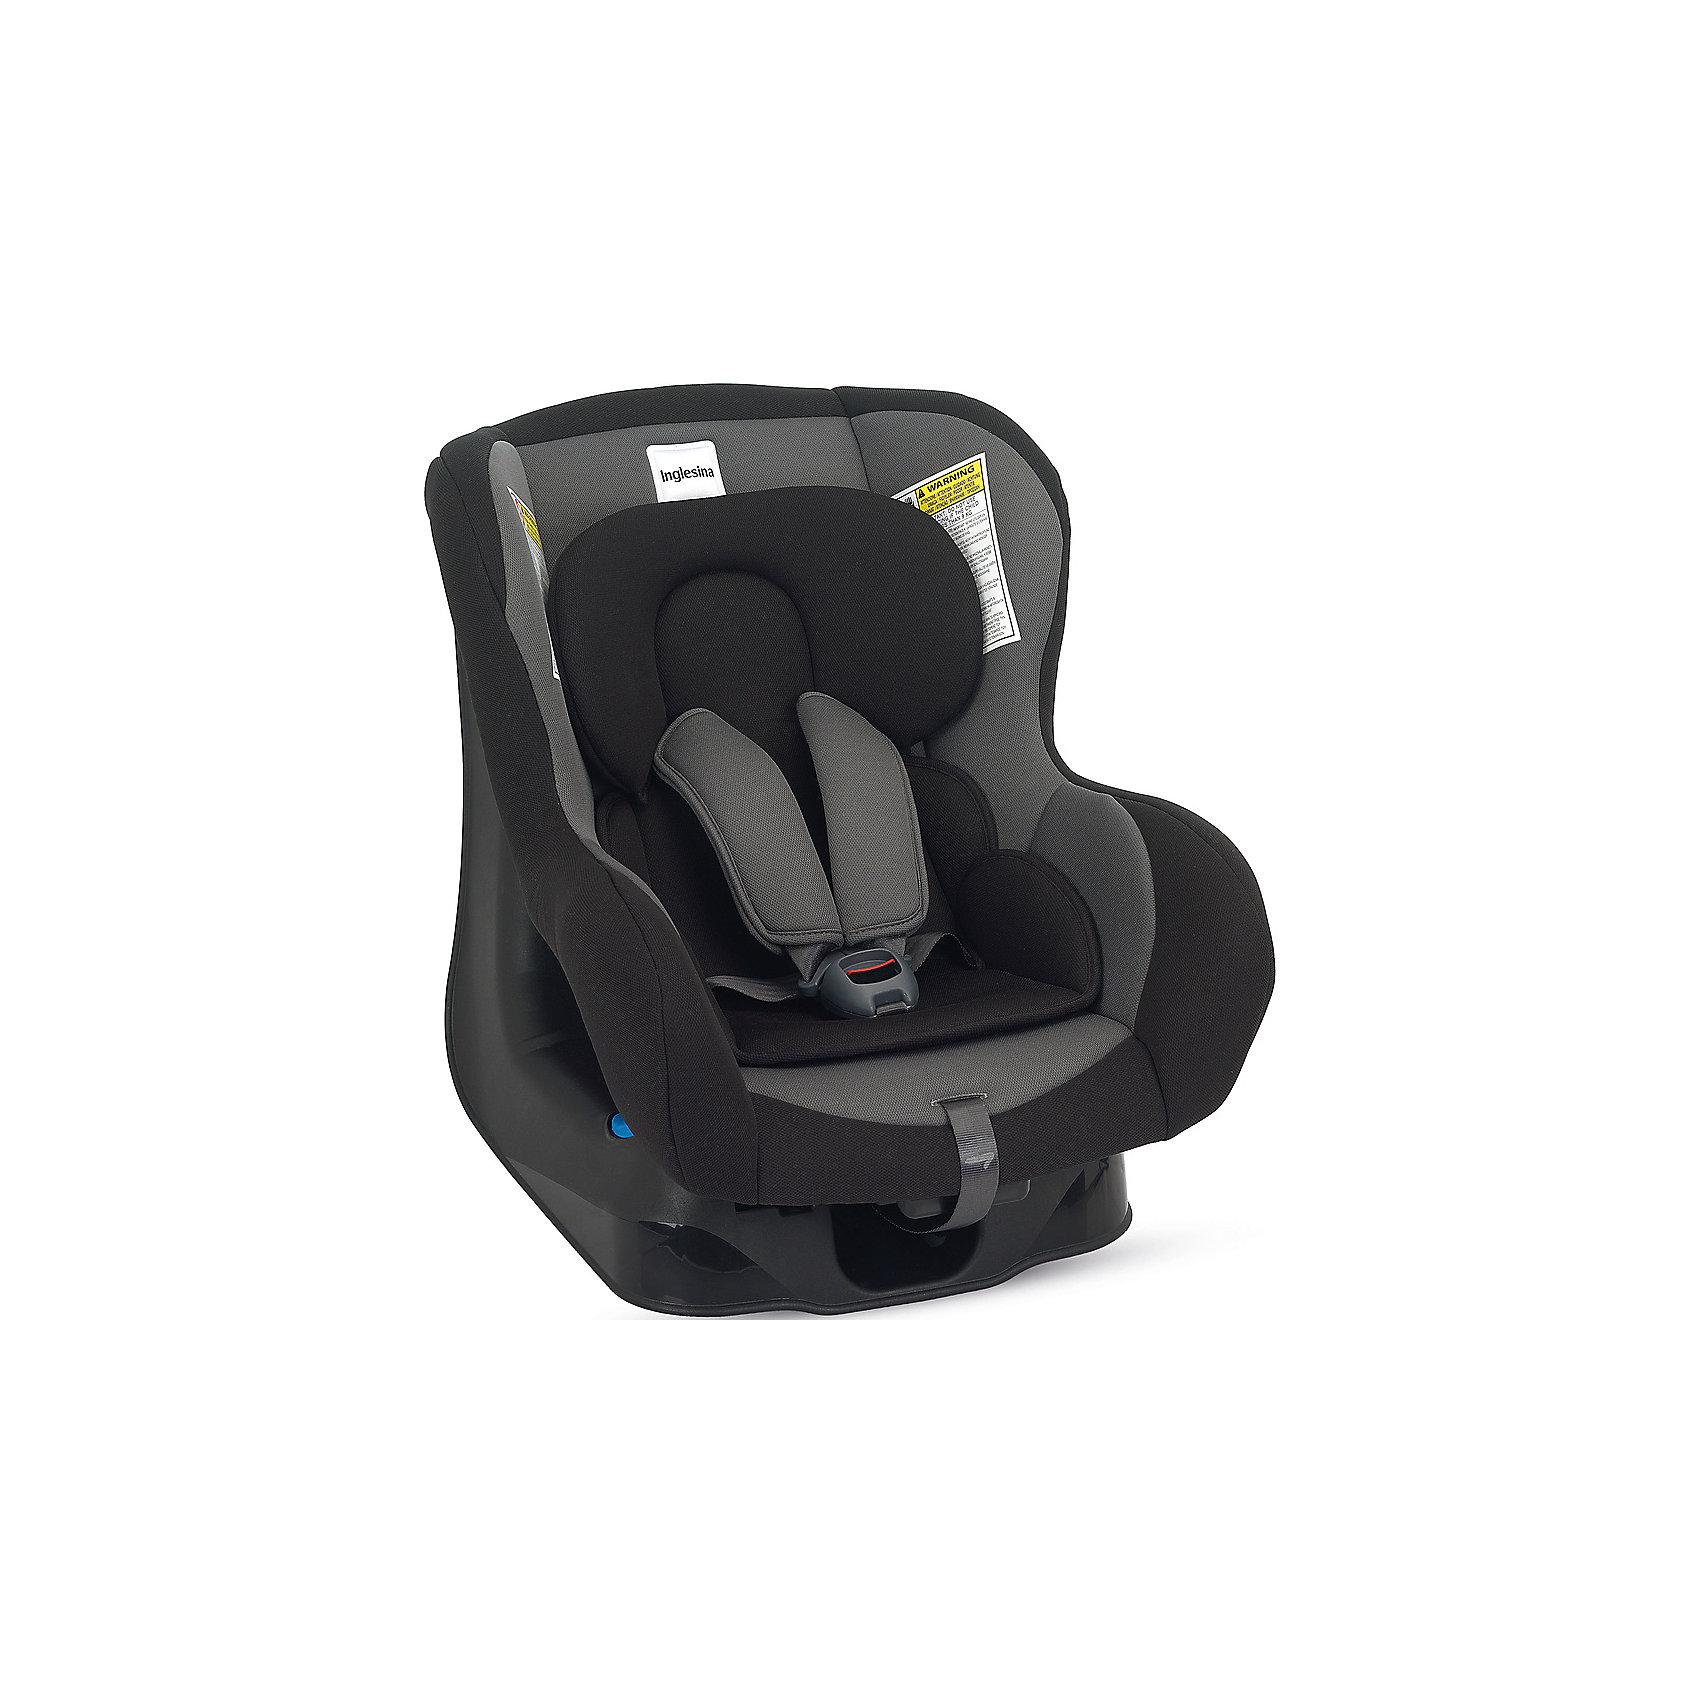 Автокресло Inglesina Magellano 0-18 кг, BlackГруппа 0+, 1 (До 18 кг)<br>Автокресло Magellano - прекрасный вариант для малышей, с ним поездки в автомобиле всегда будут безопасными и комфортными. Технология Side Head Protection защитит малышей от боковых ударов. Кресло обладает удобной универсальной конструкцией и приятной на ощупь обивкой. Чехлы сшиты из практичной и прочной ткани. Их можно снимать и стирать в режиме деликатной стирки. Модель предусматривает уютный вкладыш для малышей с ремнями безопасности с мягкими накладками. Для еще более комфортного отдыха, угол наклона спинки регулируется. <br><br>Дополнительная информация:<br><br>- Материал: текстиль, пластик, металл.<br>- Размер: 44х59х54 см.<br>- Вес: 6 кг.<br>- Группа 0+/1 (до 18 кг).<br>- Устанавливается по ходу и против хода движения. <br>- Ремни безопасности.<br>- Мягкий вкладыш. <br>- Крепится в автомобиле с помощью штатных ремней.<br><br>Автокресло Magellano 0-18 кг., Inglesina (Инглезина), Black, можно купить в нашем магазине.<br><br>Ширина мм: 590<br>Глубина мм: 460<br>Высота мм: 625<br>Вес г: 8500<br>Возраст от месяцев: 0<br>Возраст до месяцев: 48<br>Пол: Унисекс<br>Возраст: Детский<br>SKU: 4764248